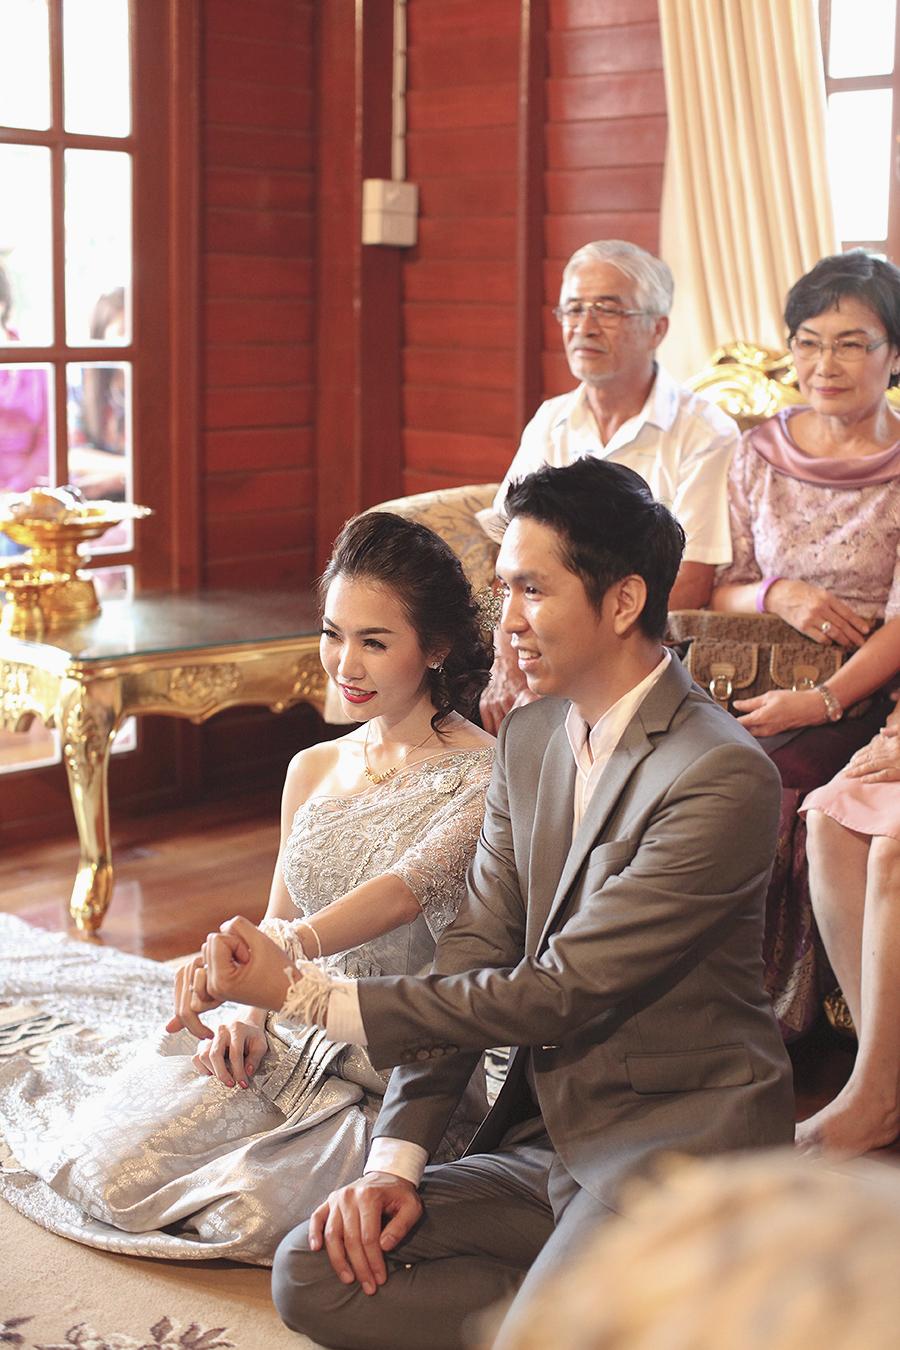 bangkok thailand wedding photography by kurt ahs . ruj+tai . 6285.jpg